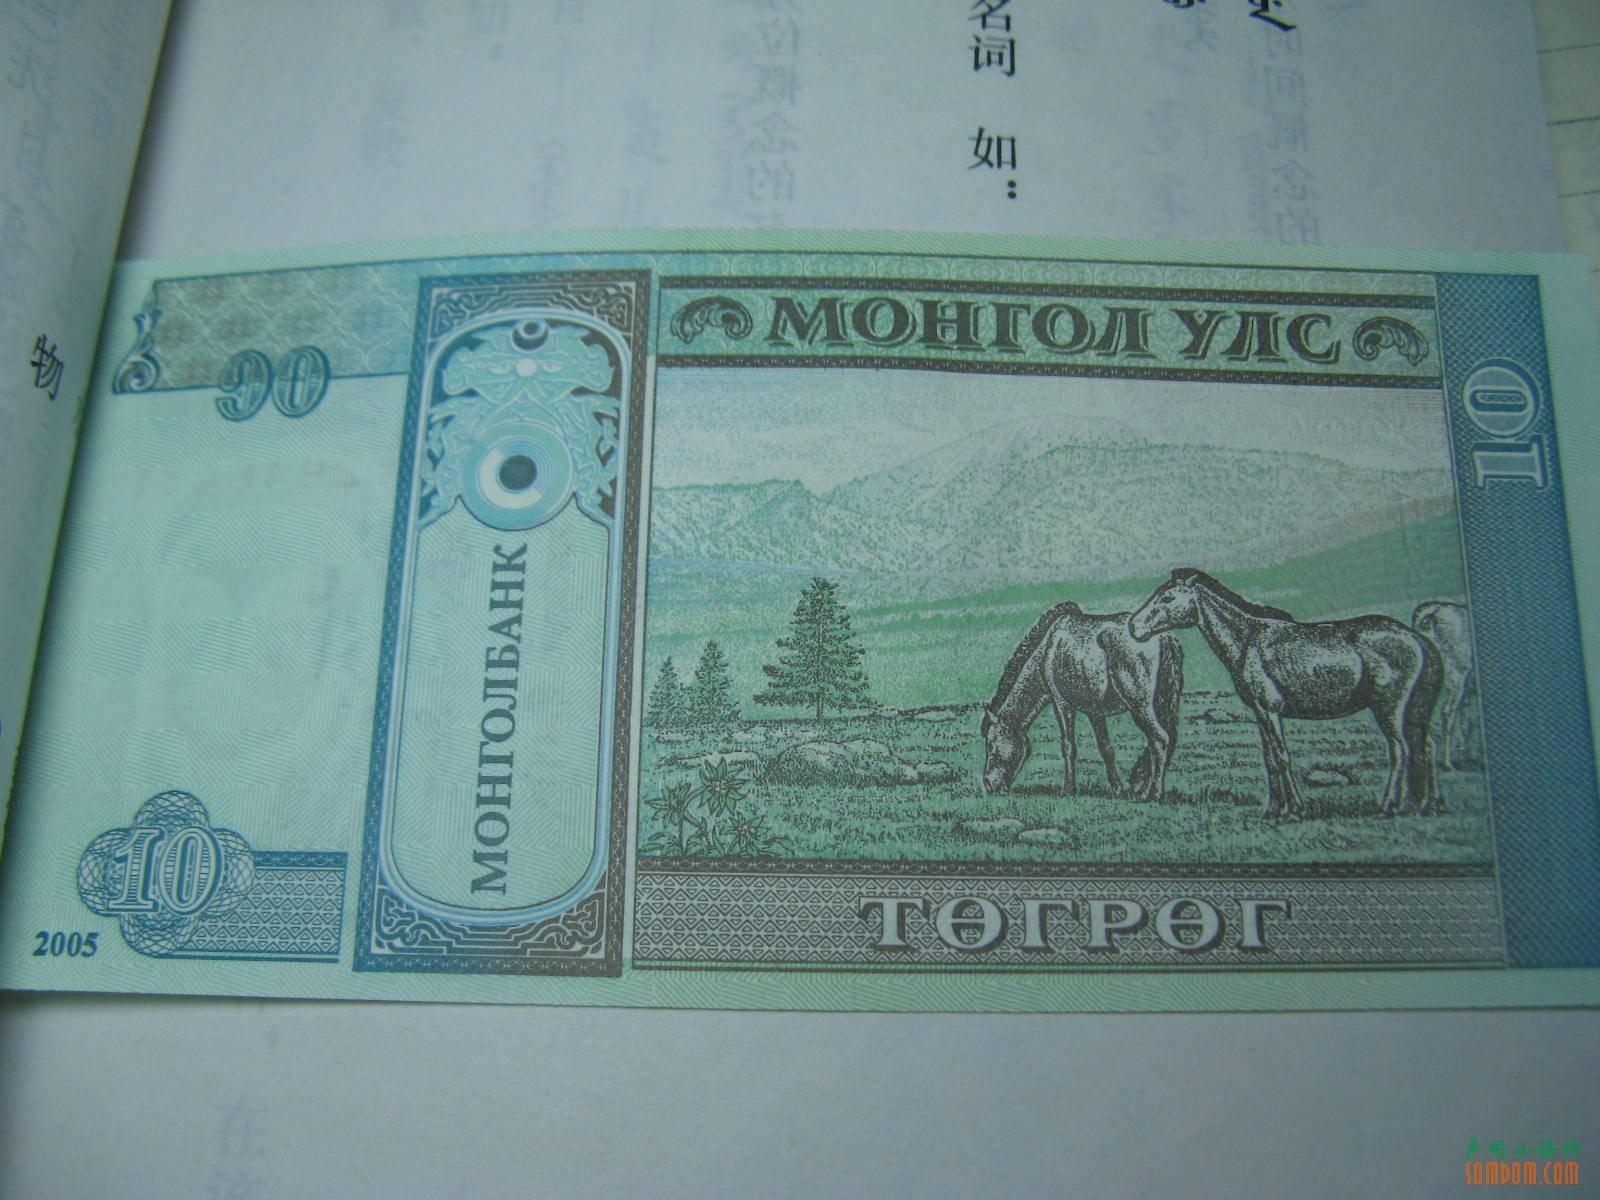 外蒙古货币上的新蒙文和老蒙文